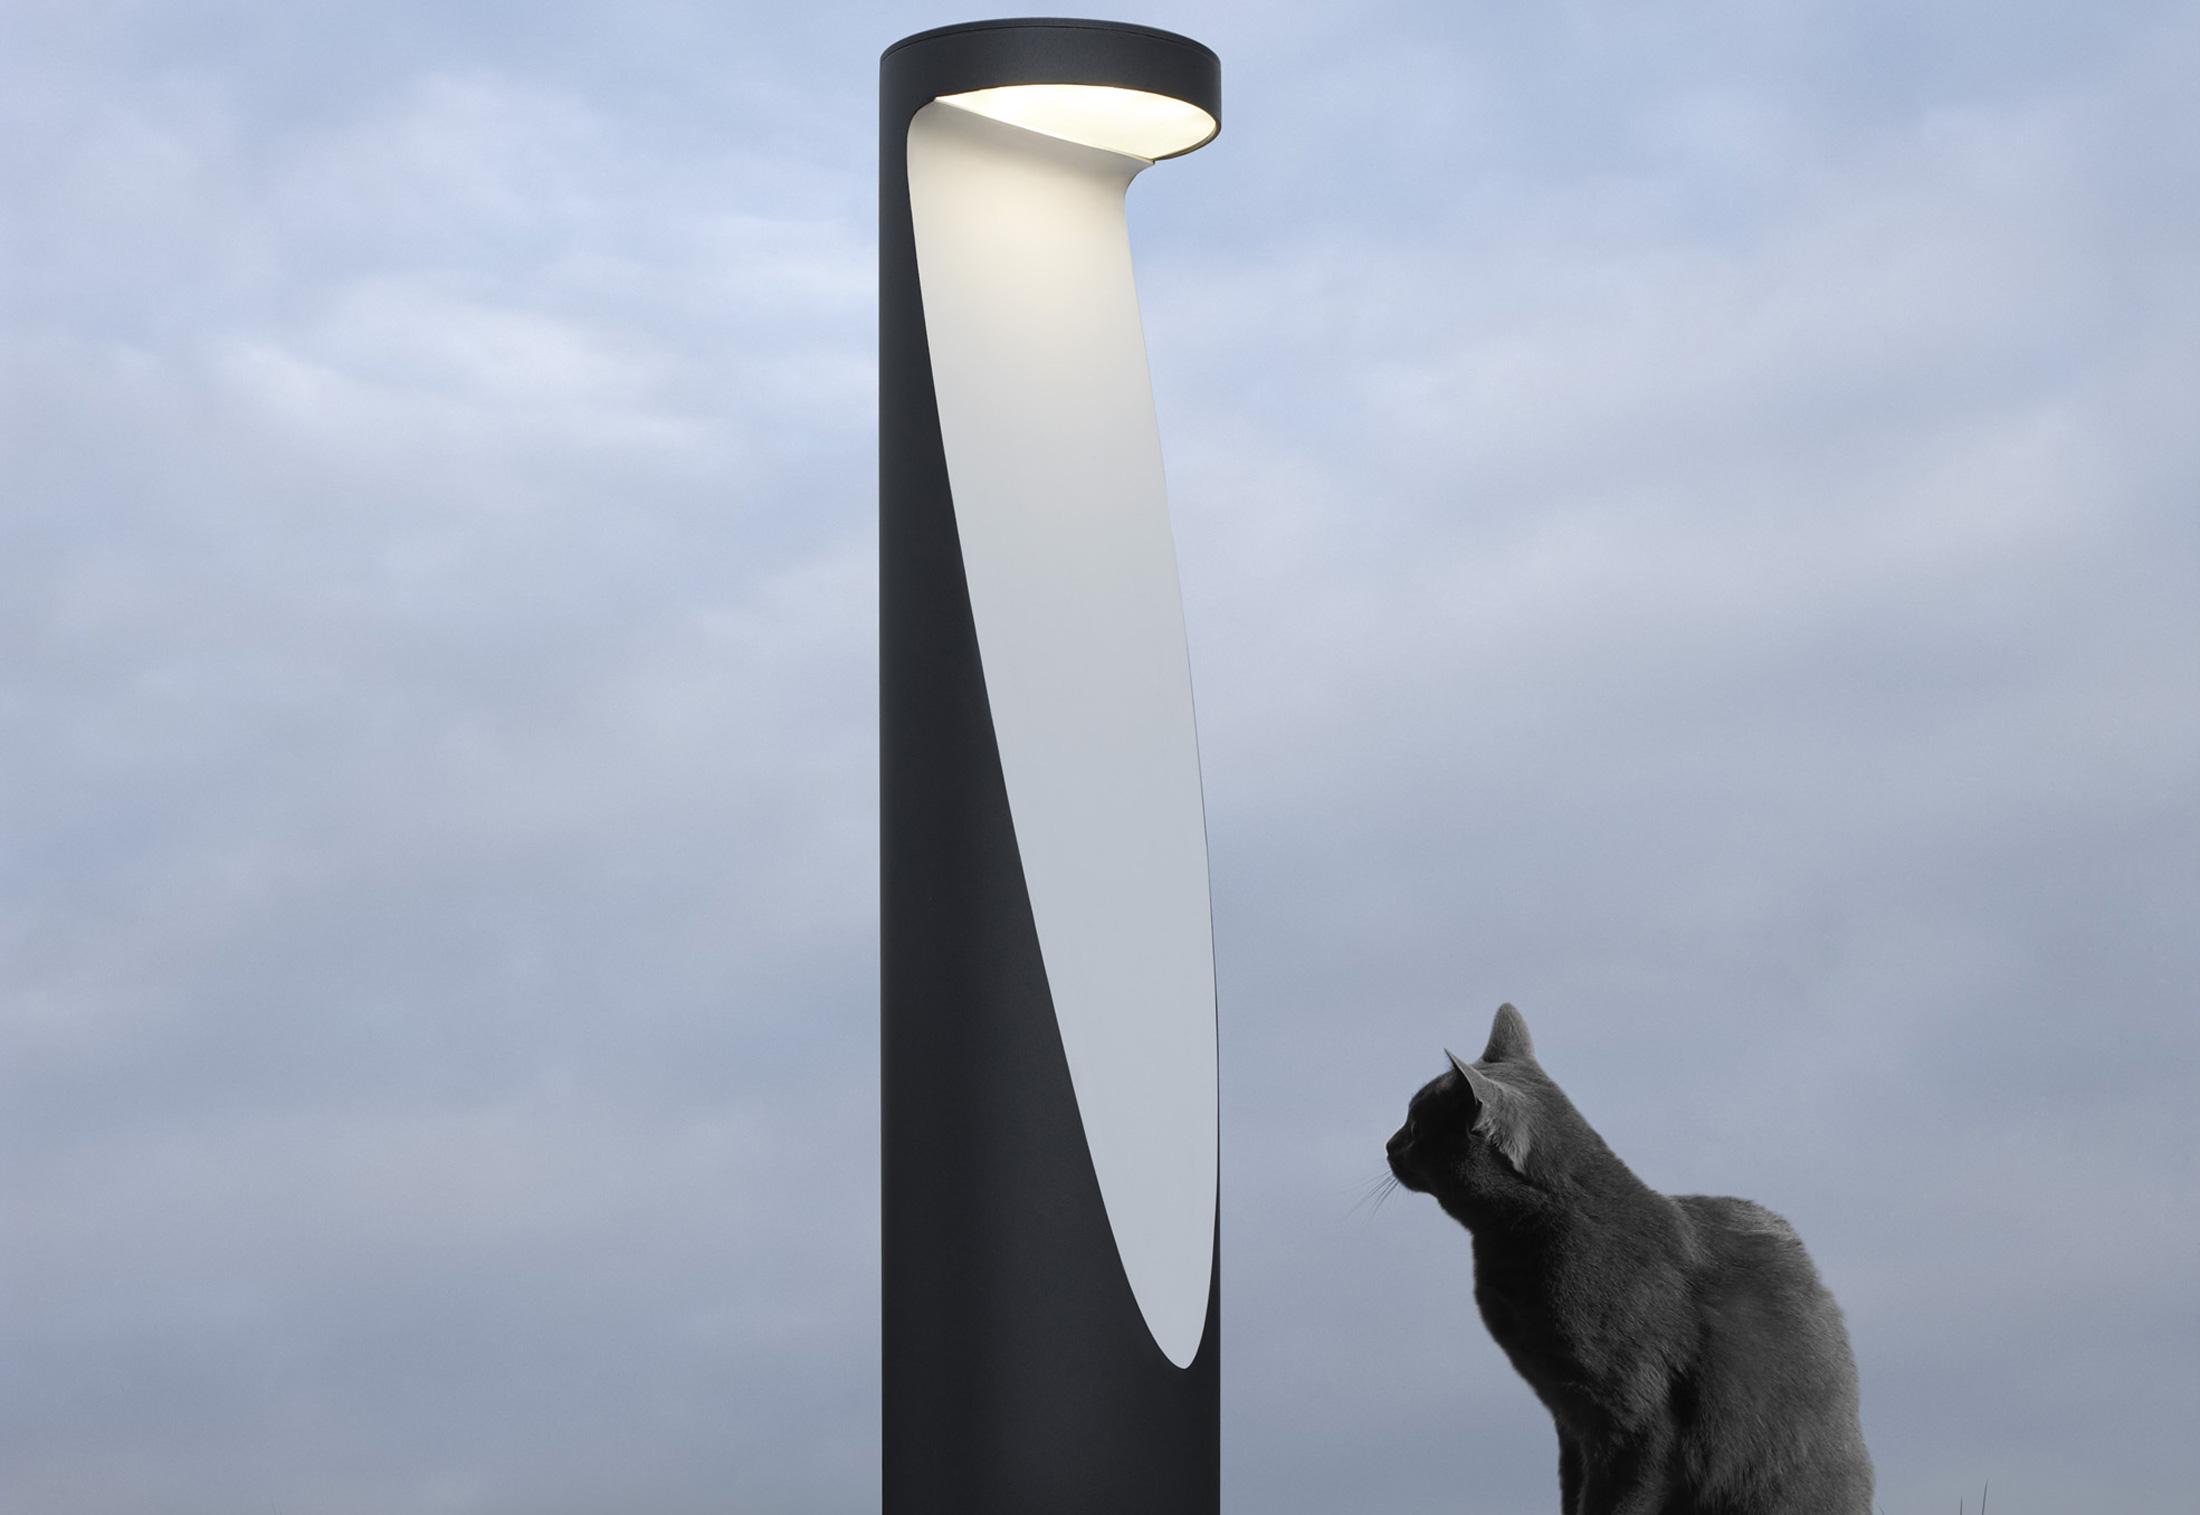 Ippolito di artemide lampade da esterno illuminazione - Lampade esterno design ...